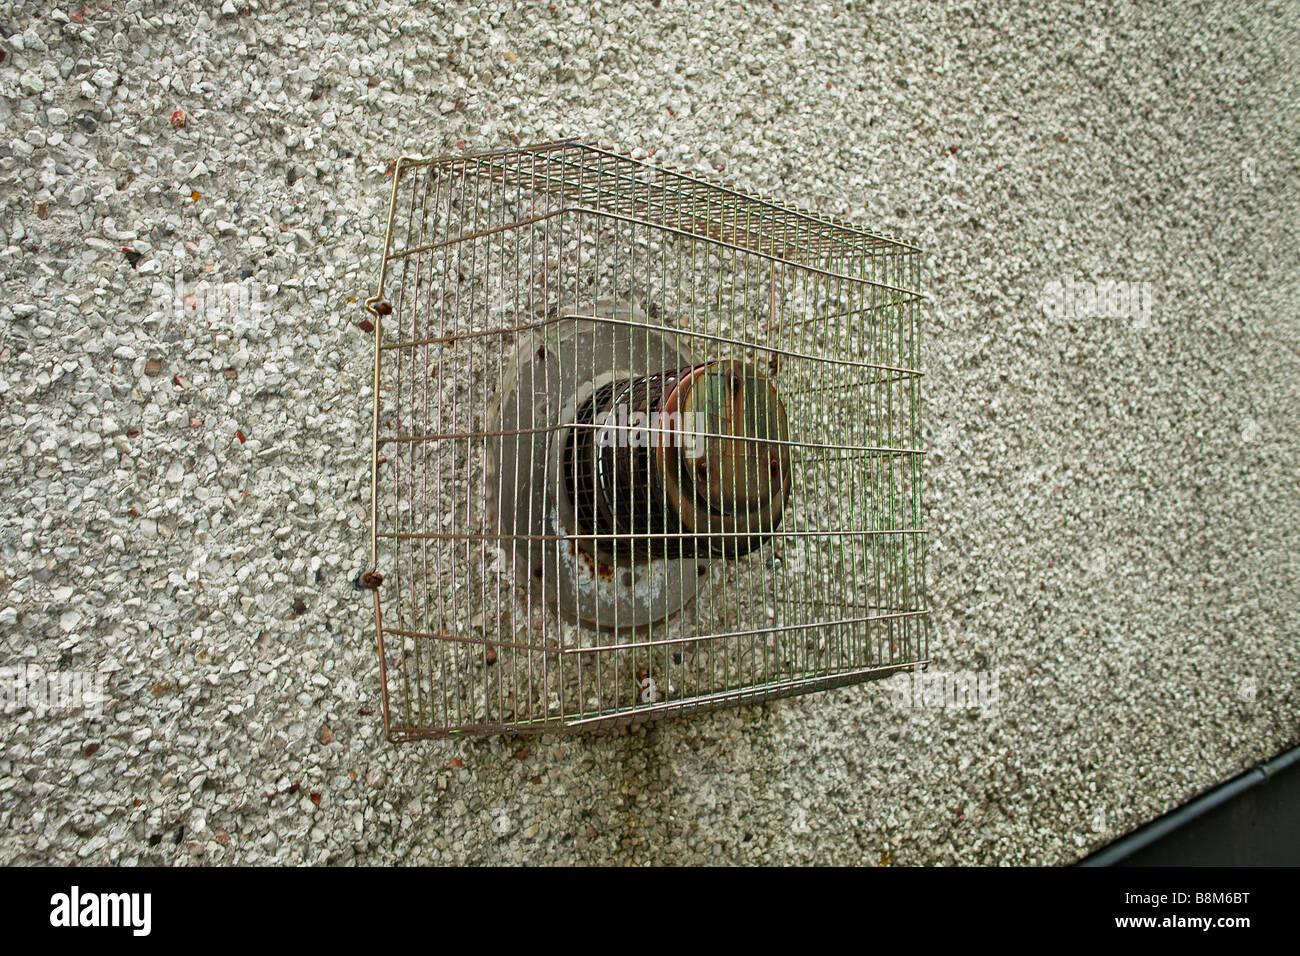 Un sistema di riscaldamento a ventola estrattore su una parete esterna di una casa in Inghilterra Immagini Stock